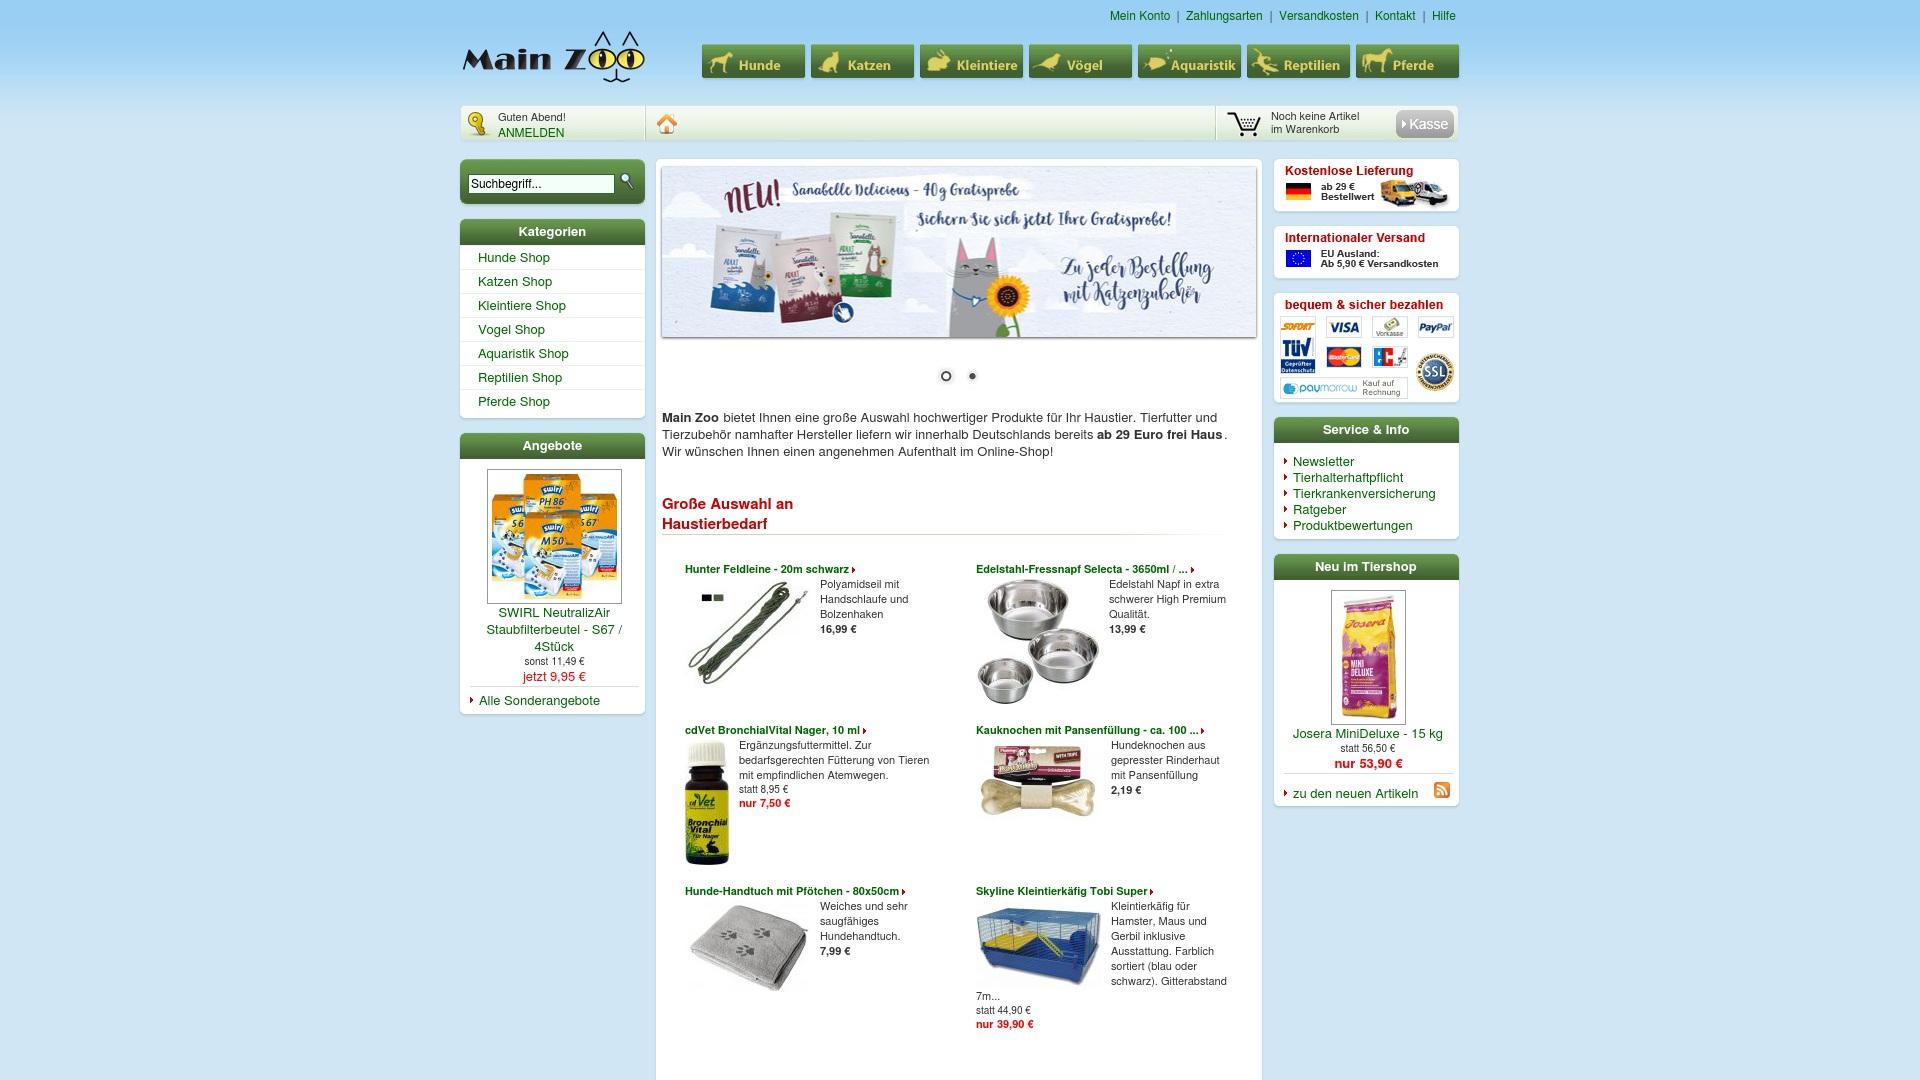 Gutschein für Mainzoo: Rabatte für  Mainzoo sichern